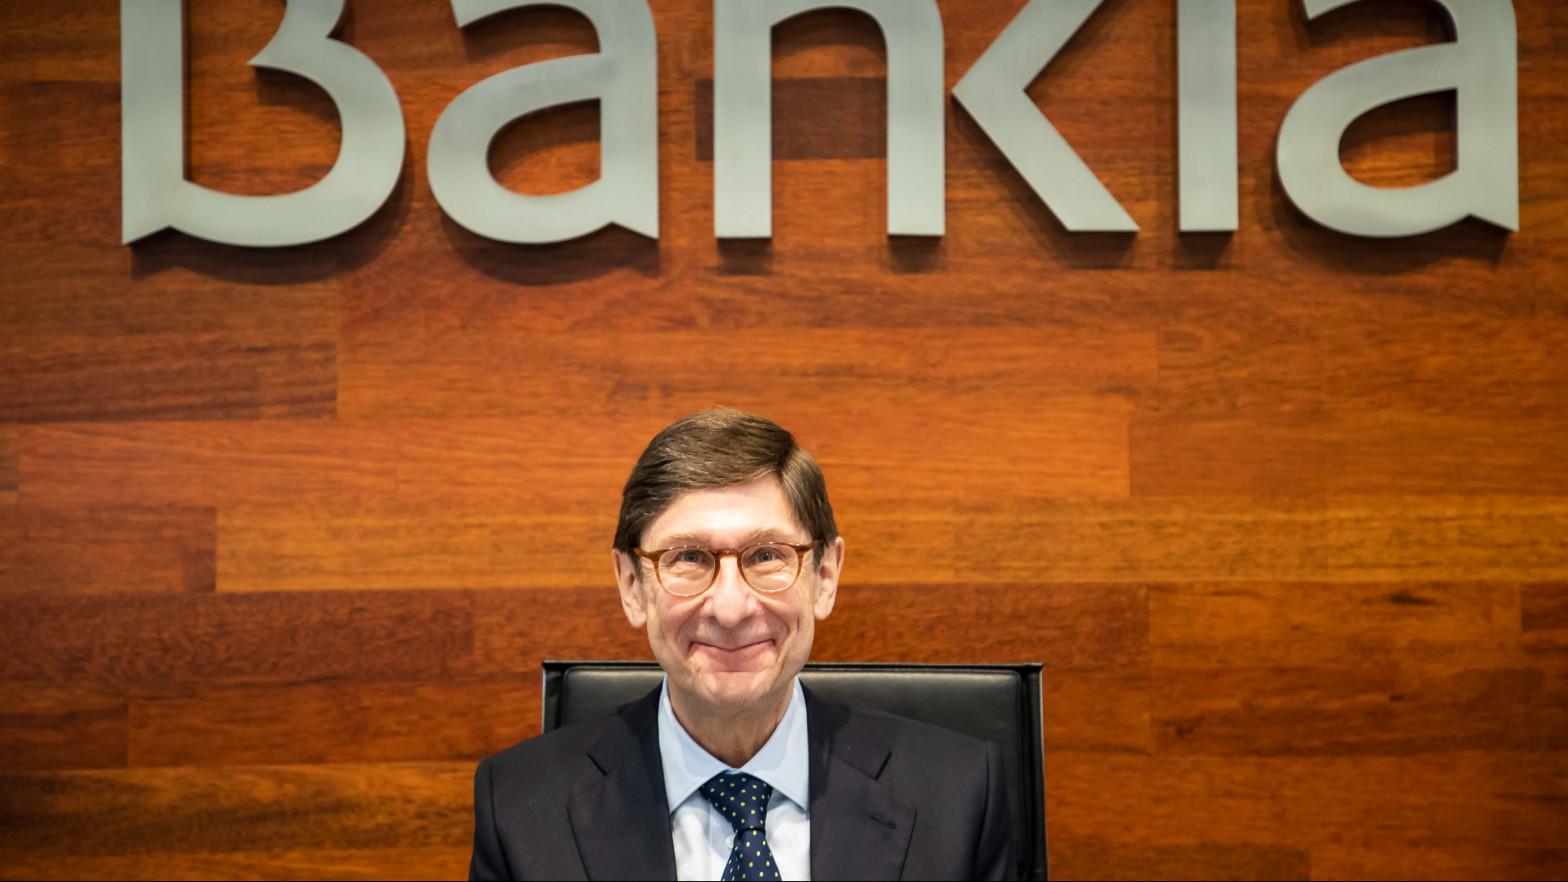 Goirigolzarri se despide de Bankia y abre una nueva etapa en Caixa con el fin de ser líderes